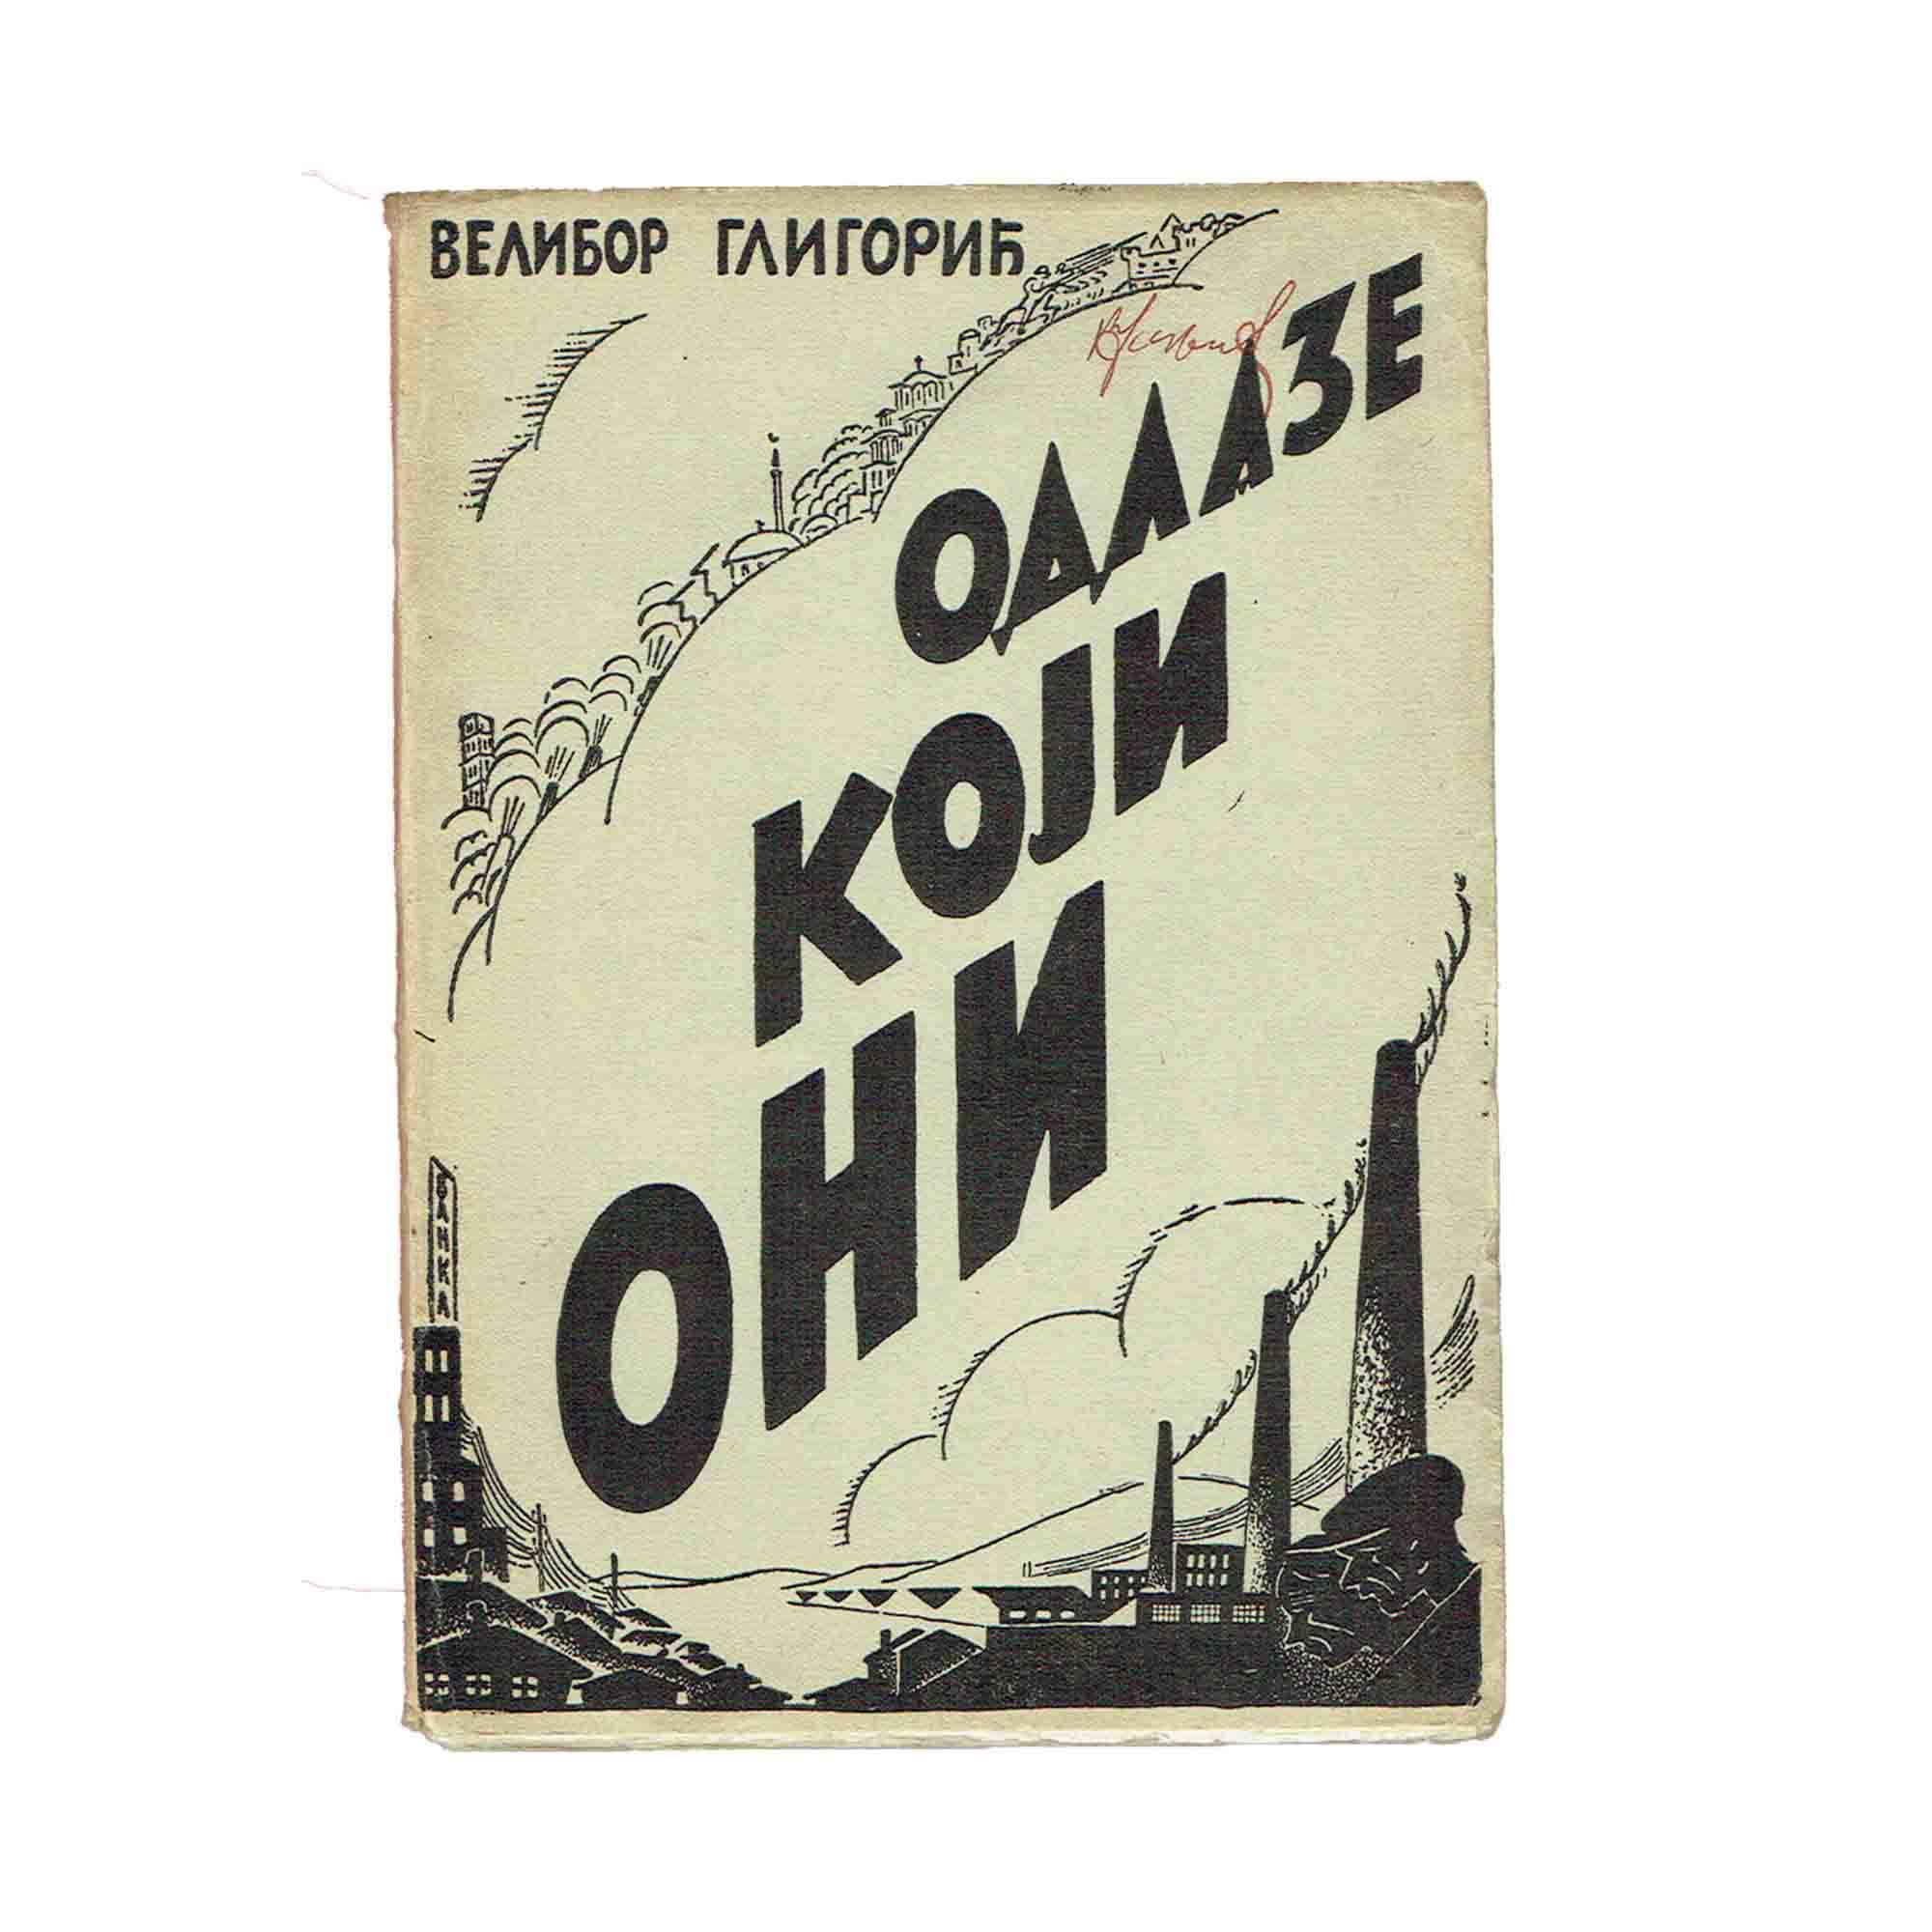 5317-Gligoric-Krizanic-Odlaze-koji-oni-1932-frei-N.jpeg